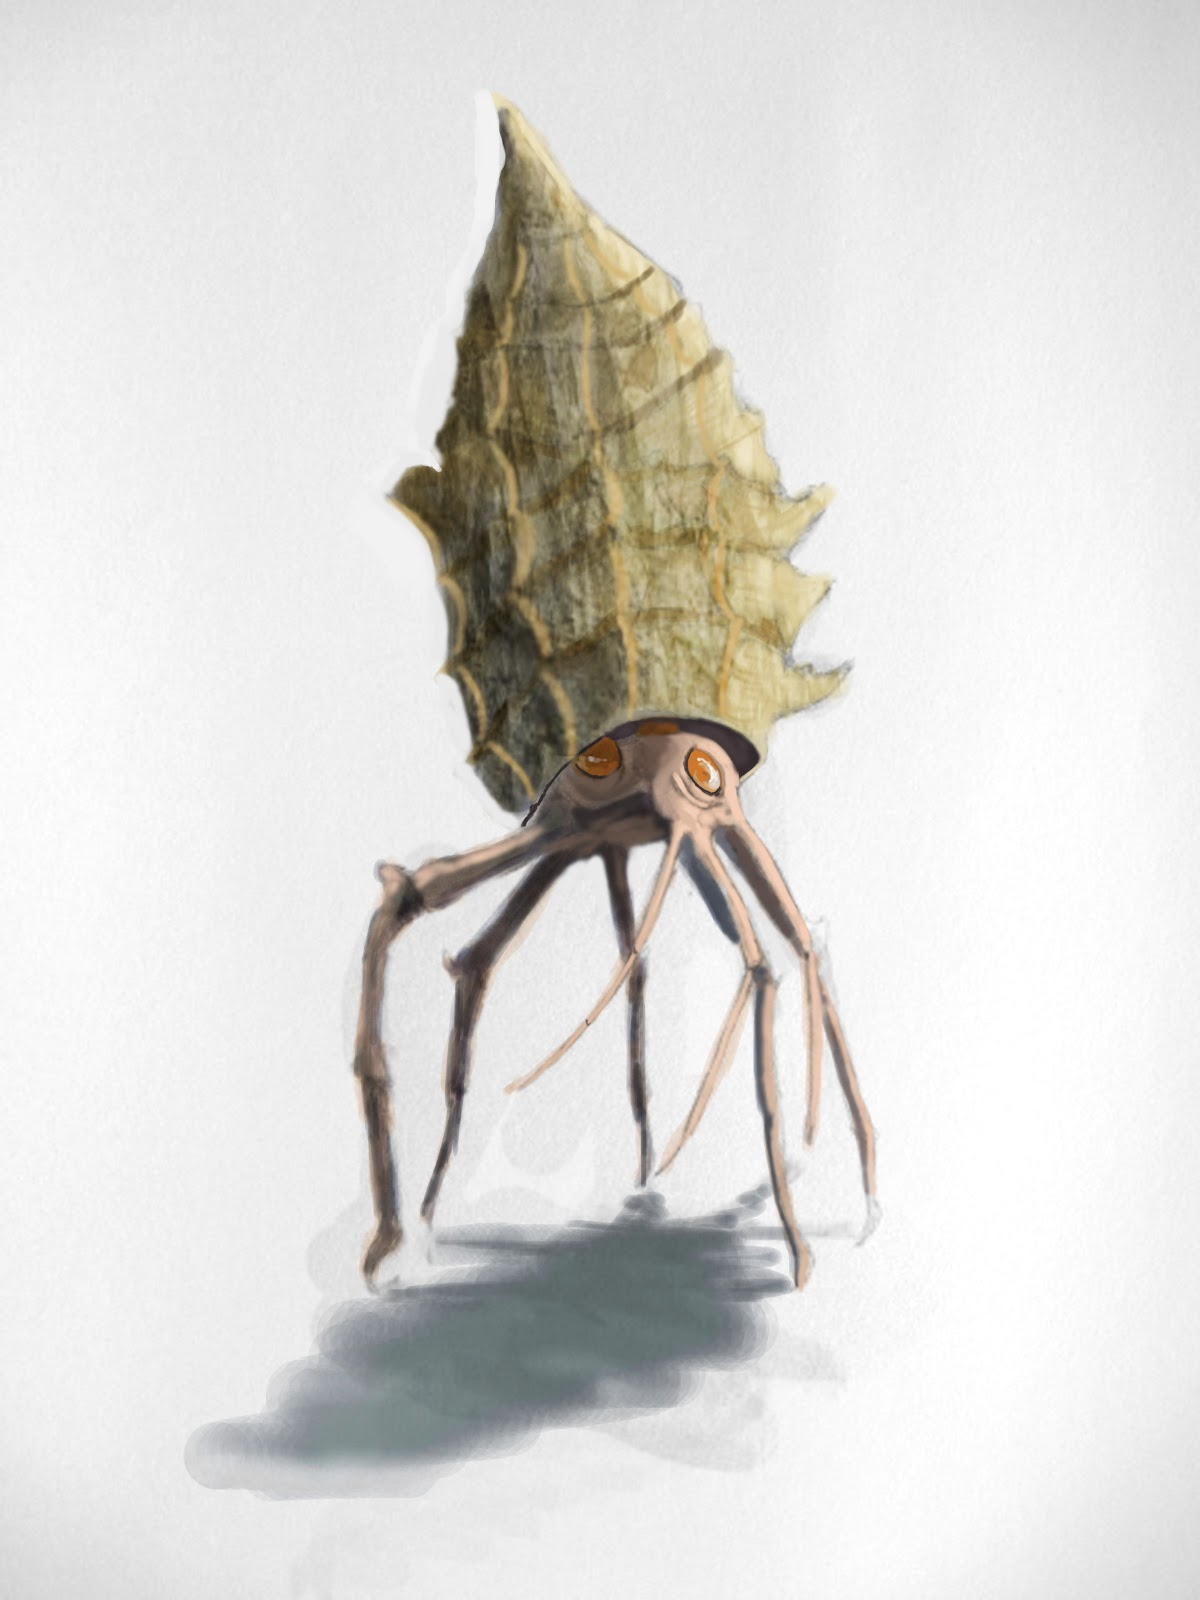 Alien crustacean marcus richardsons concept art and illustration alien crustacean jeuxipadfo Images